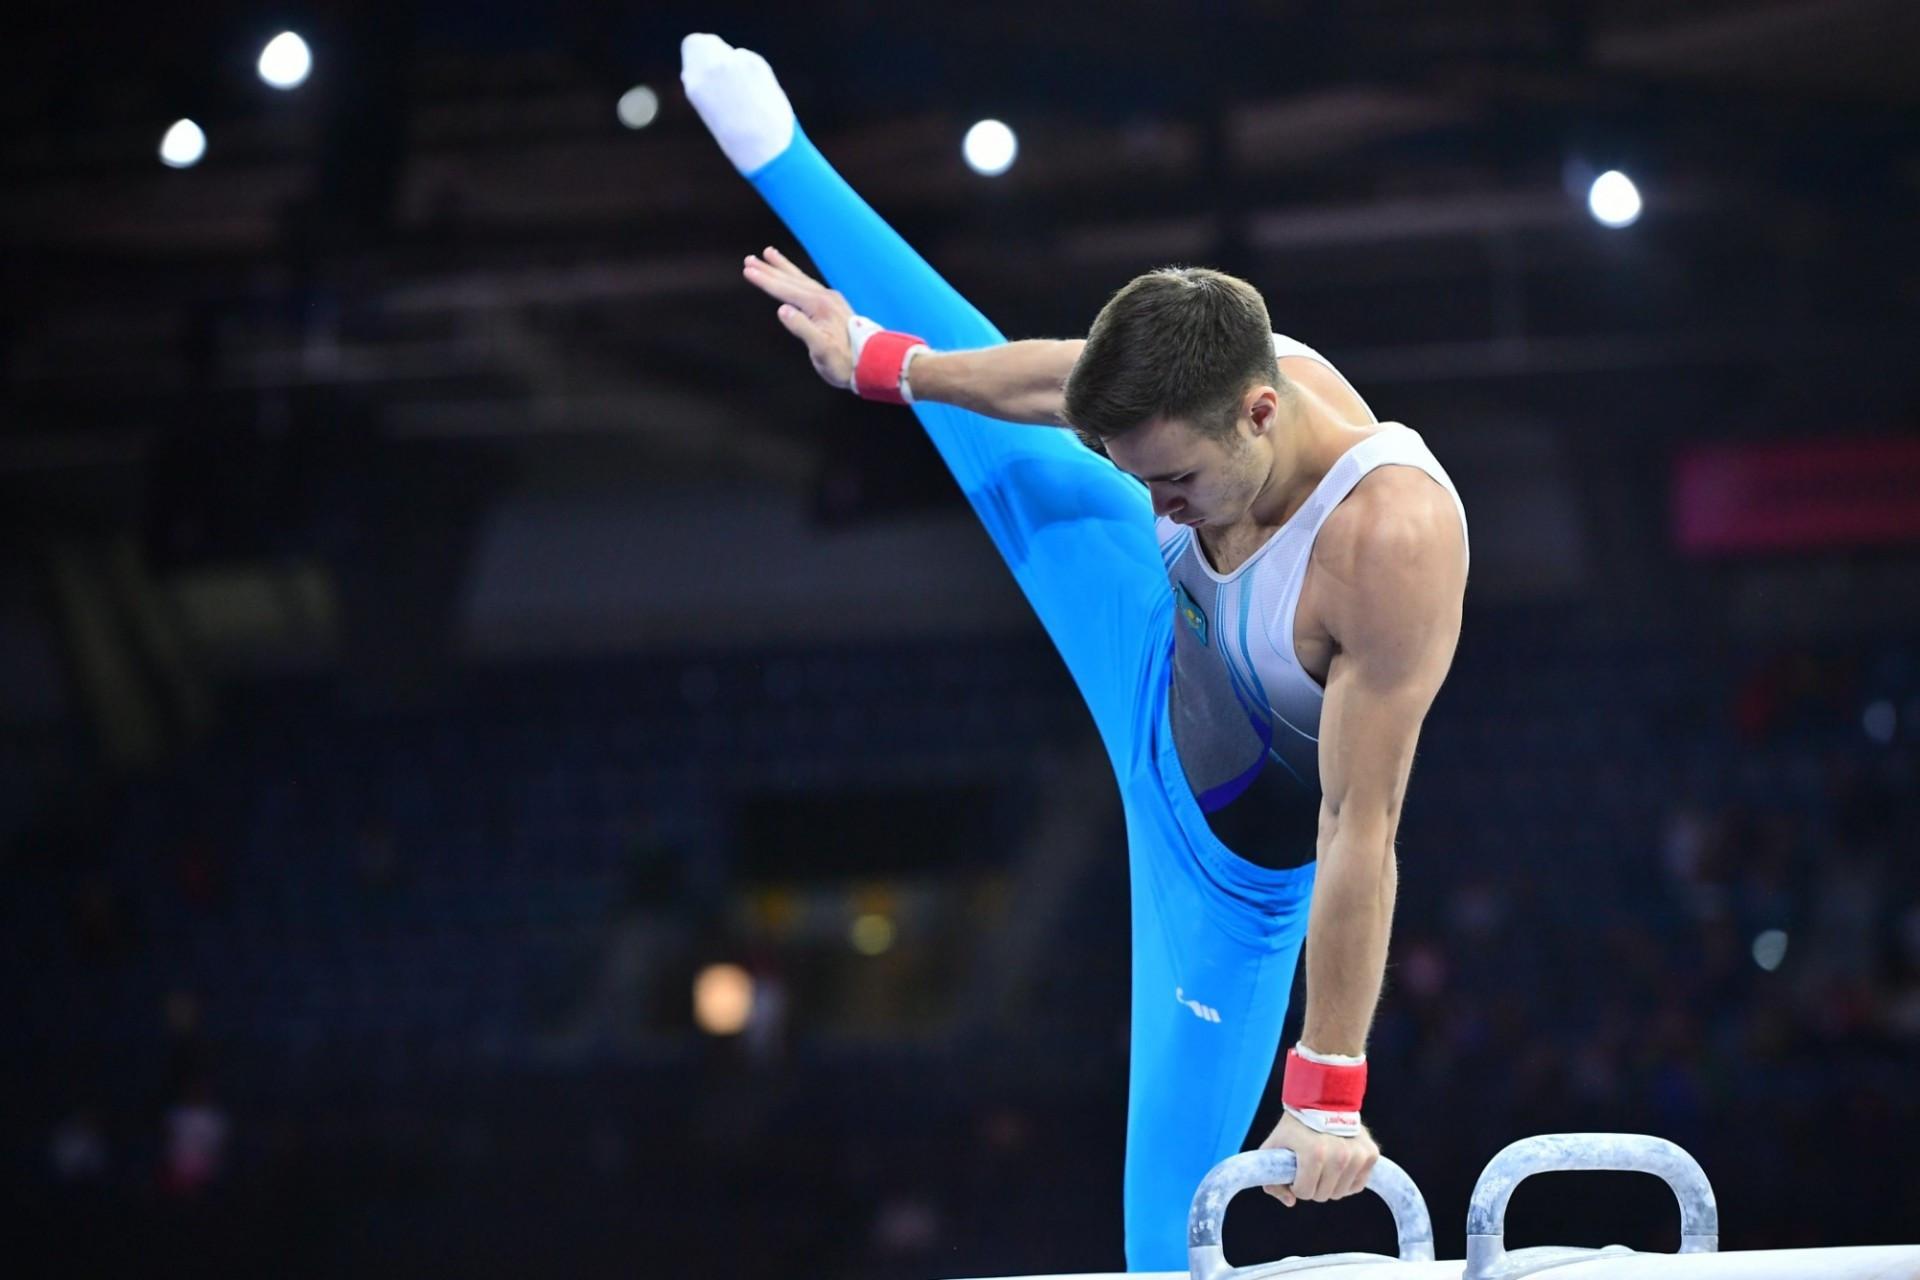 Алматыда спорттық гимнастикадан ел чемпионатының жеңімпаздары белгілі болды